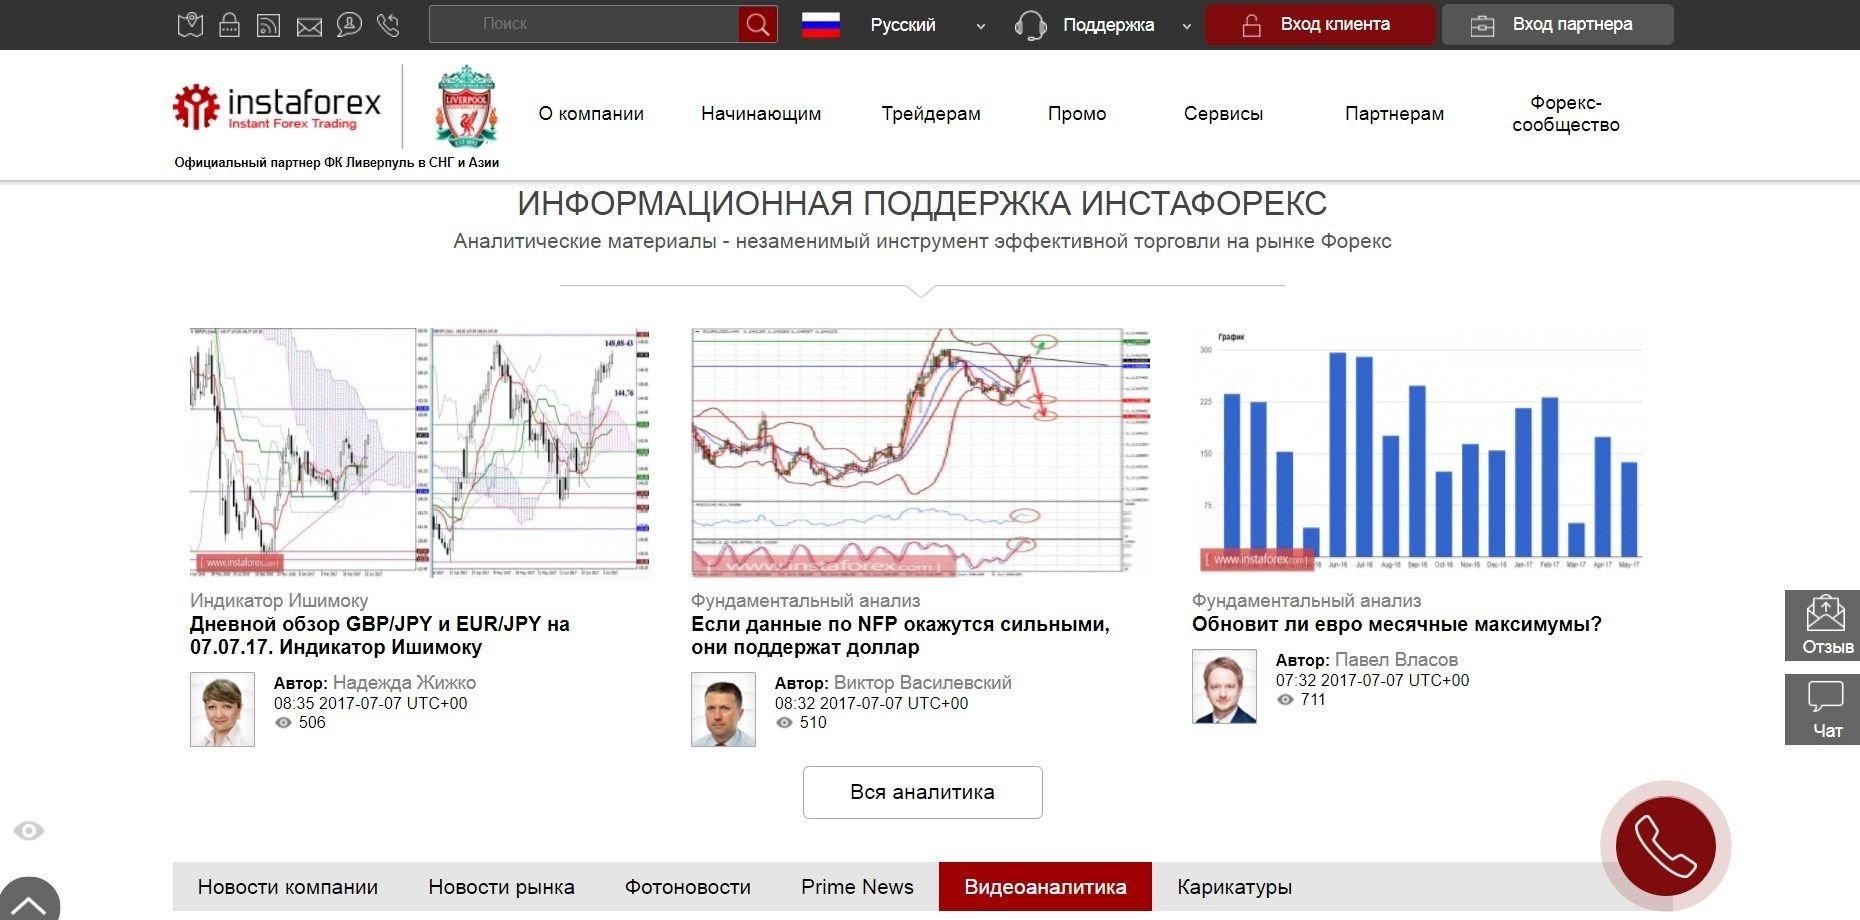 Брокер Инстафорекс на рынке бинарных опционов